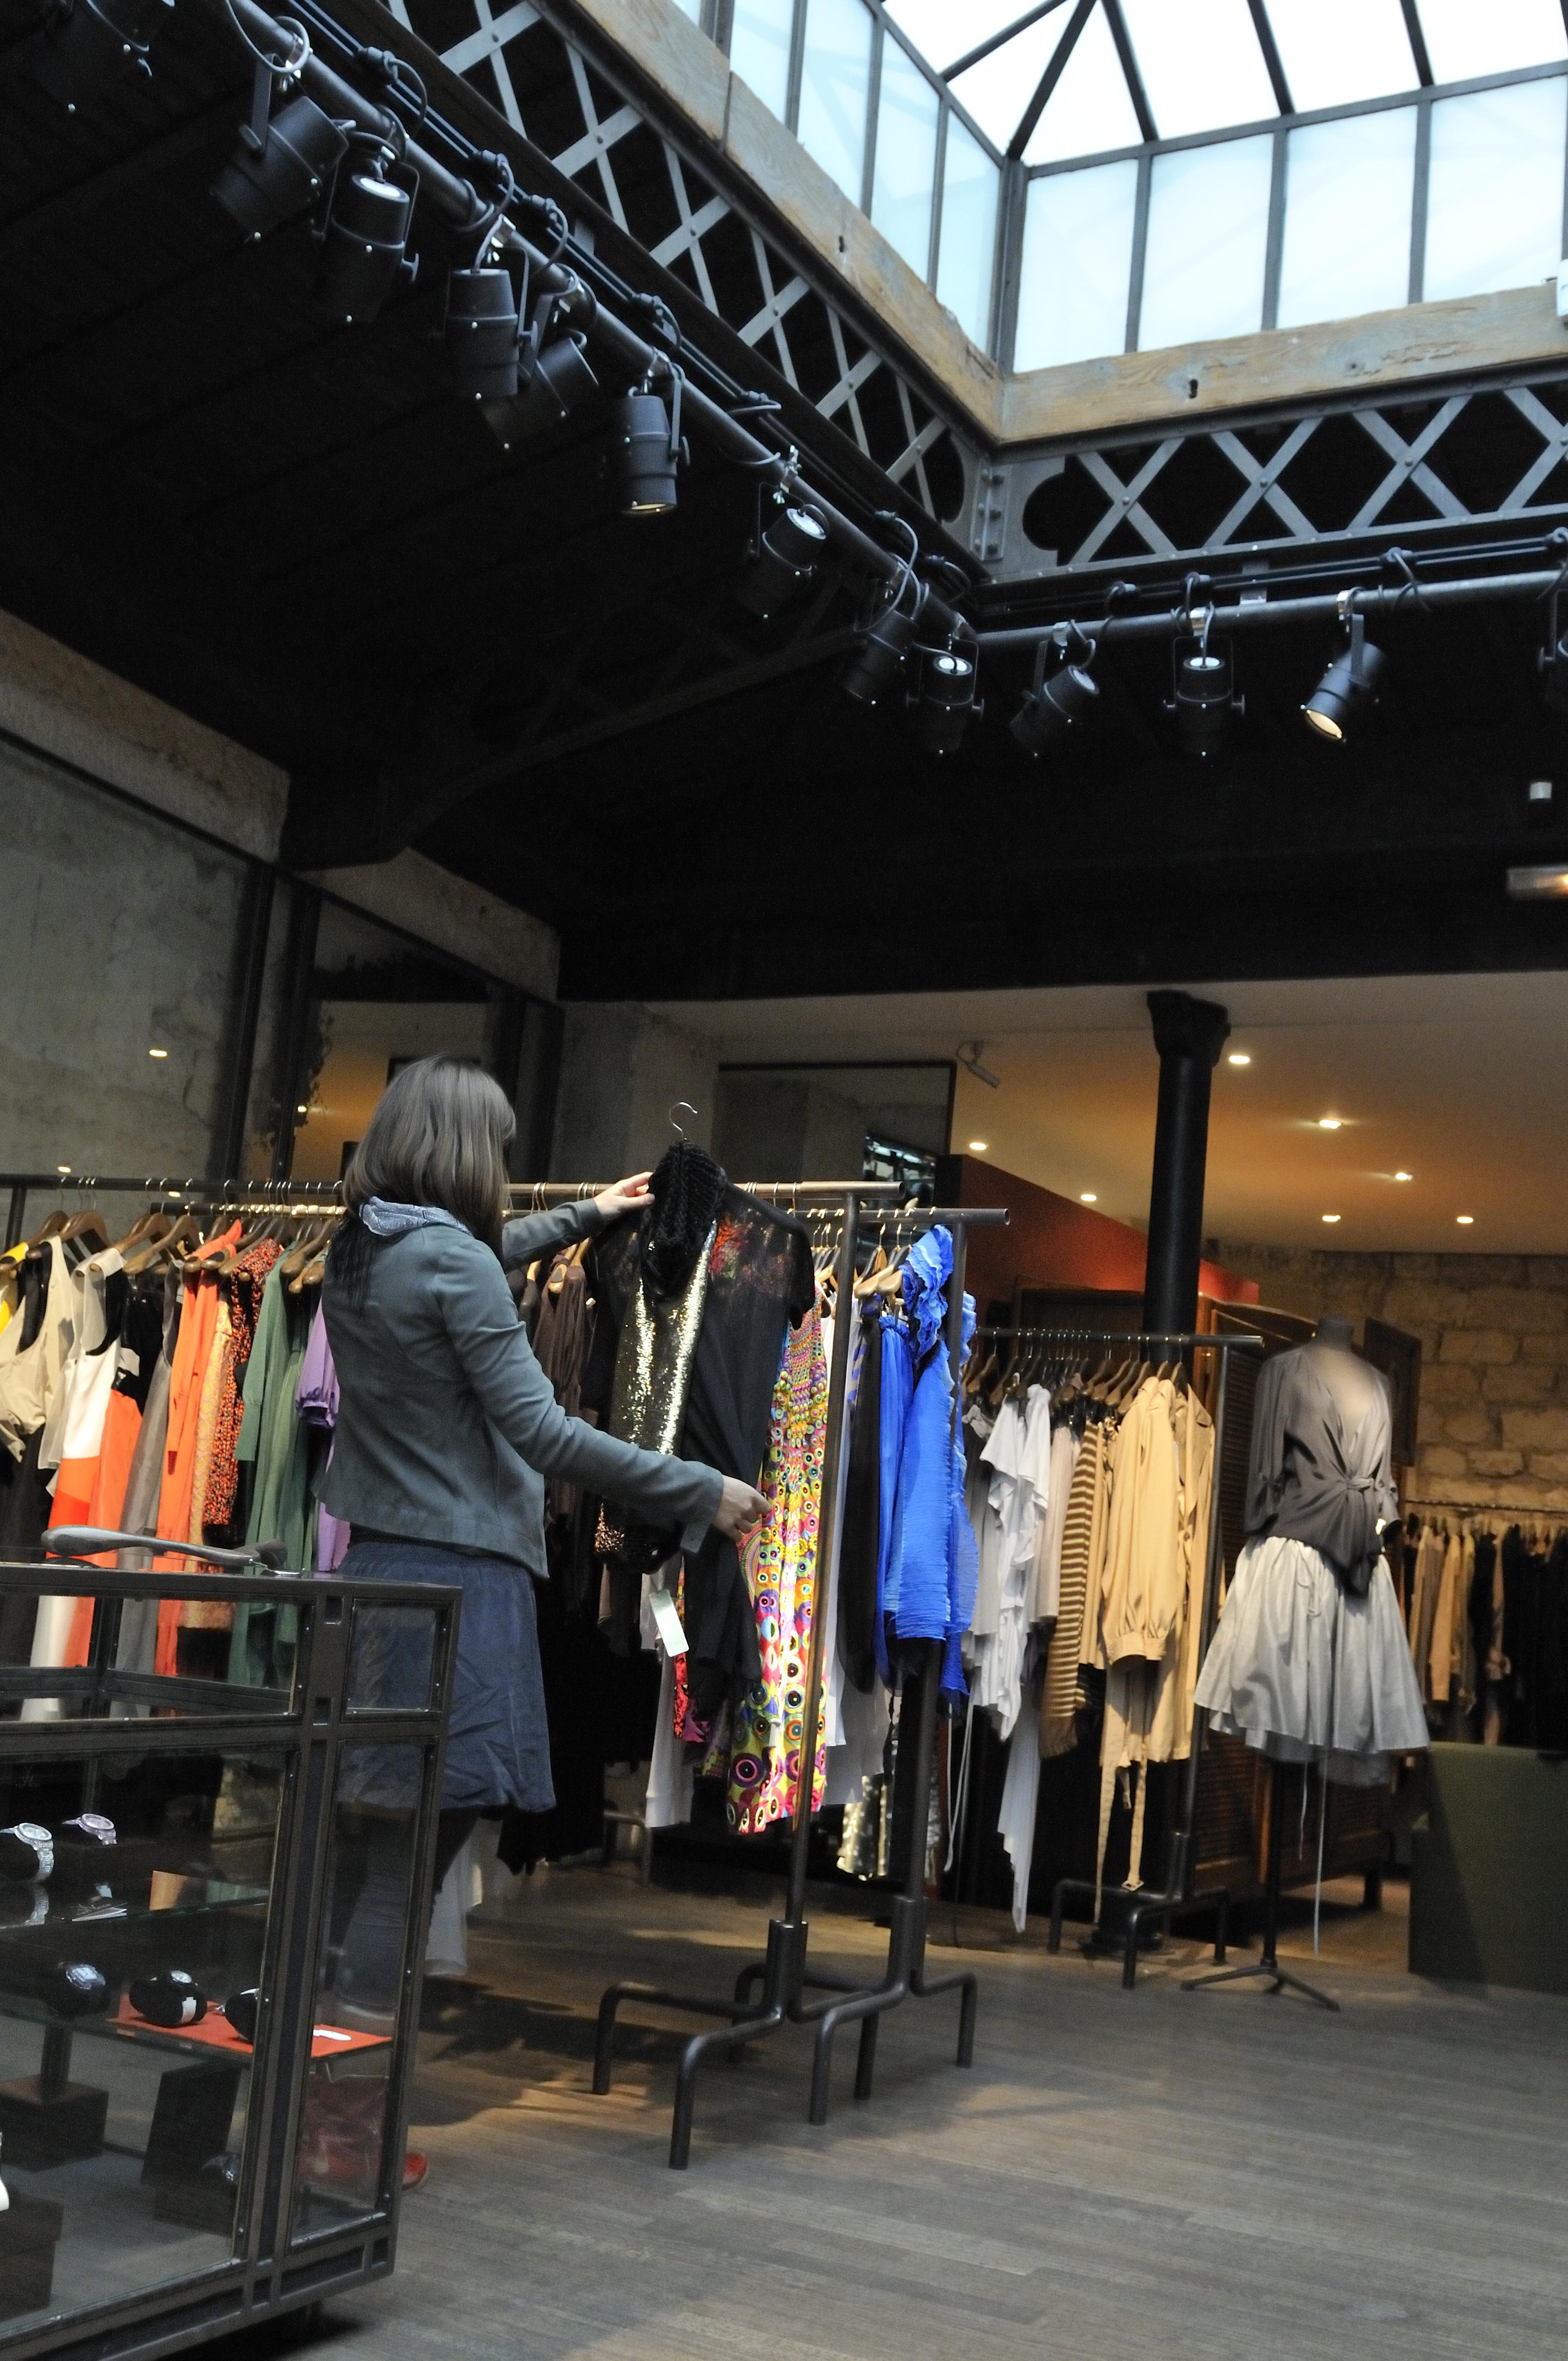 Boutique l'Eclaireur%252C quartier du Marais%252C Paris 2008. Jarry-Tripelon %252F CRT Paris Ile-de-France